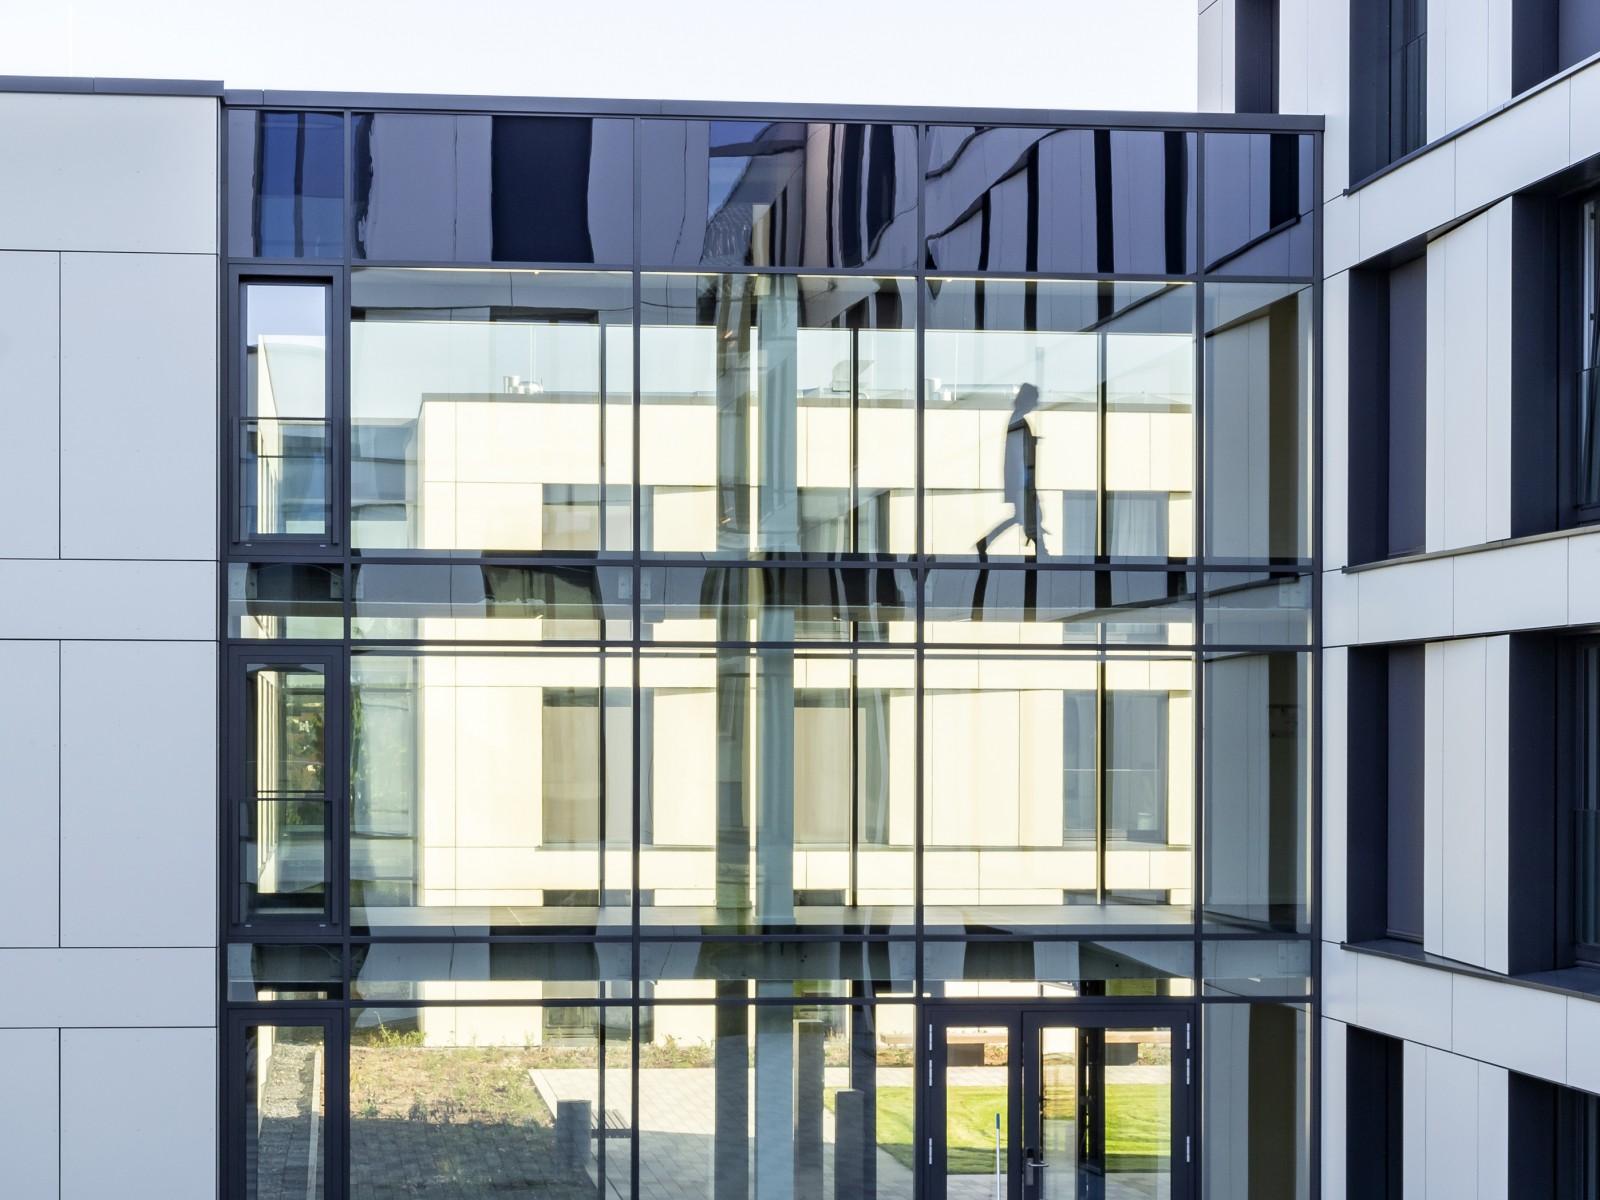 Finanzcampus Ansbach, Neubau Gästeapartmenthäuser